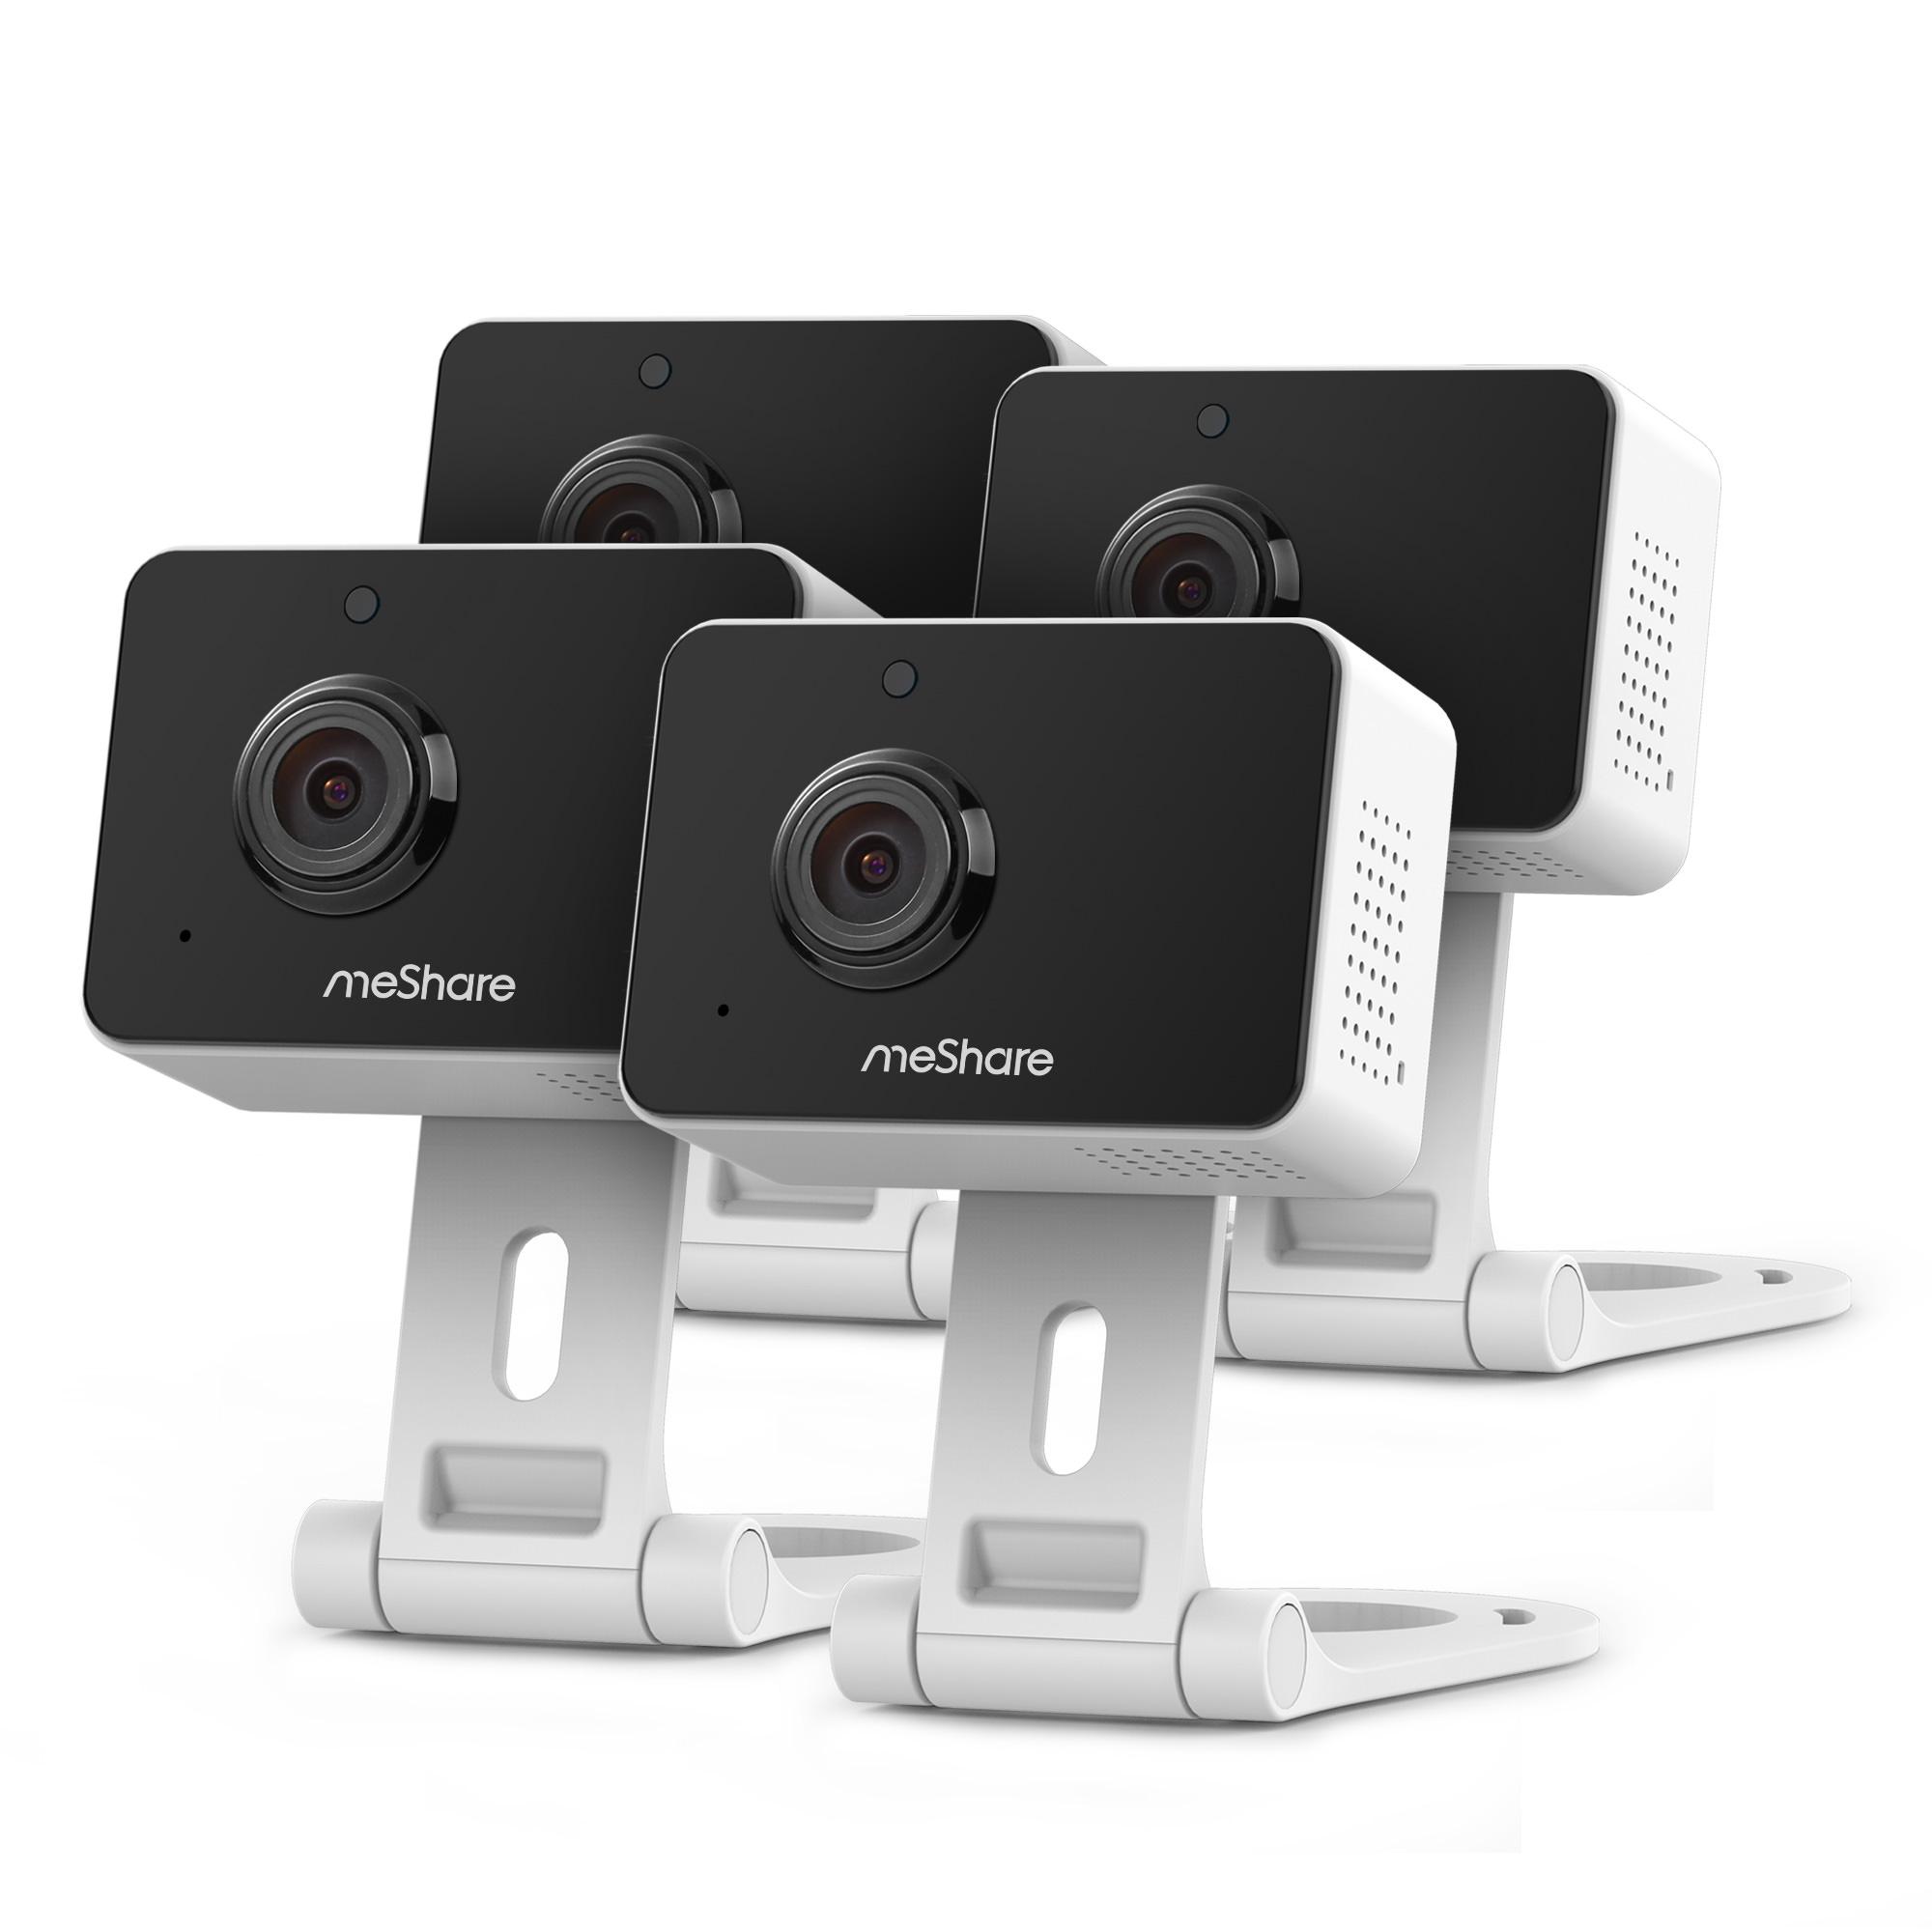 meShare 1080p Mini Wireless Two-way Audio Camera 4-Pack $50